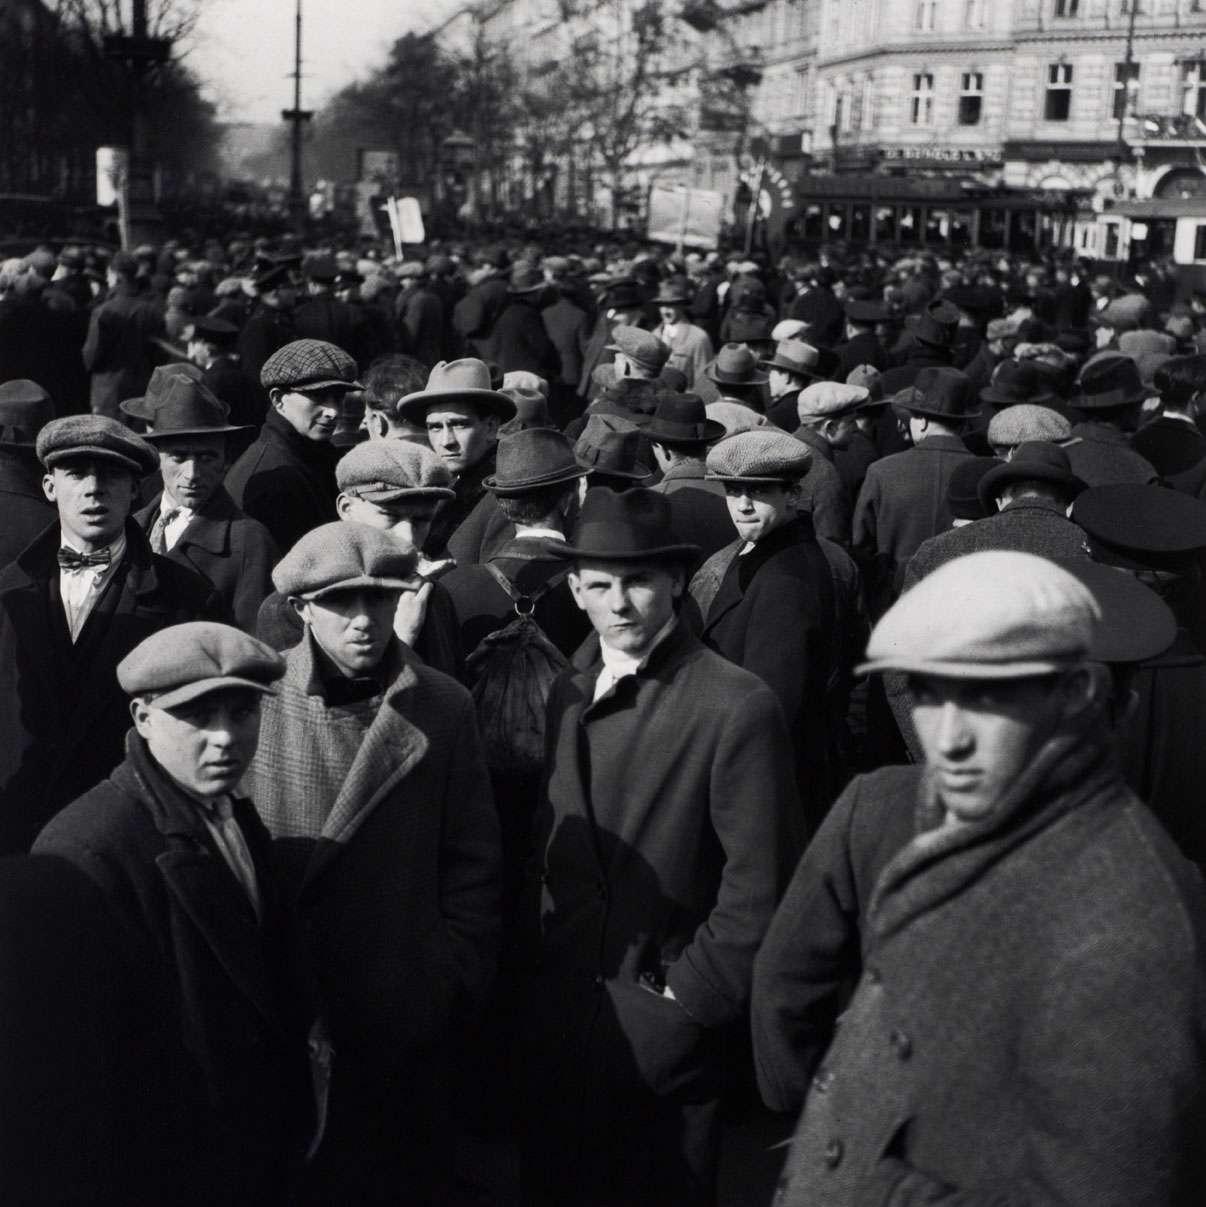 Εργάτες στο μεσοπόλεμο